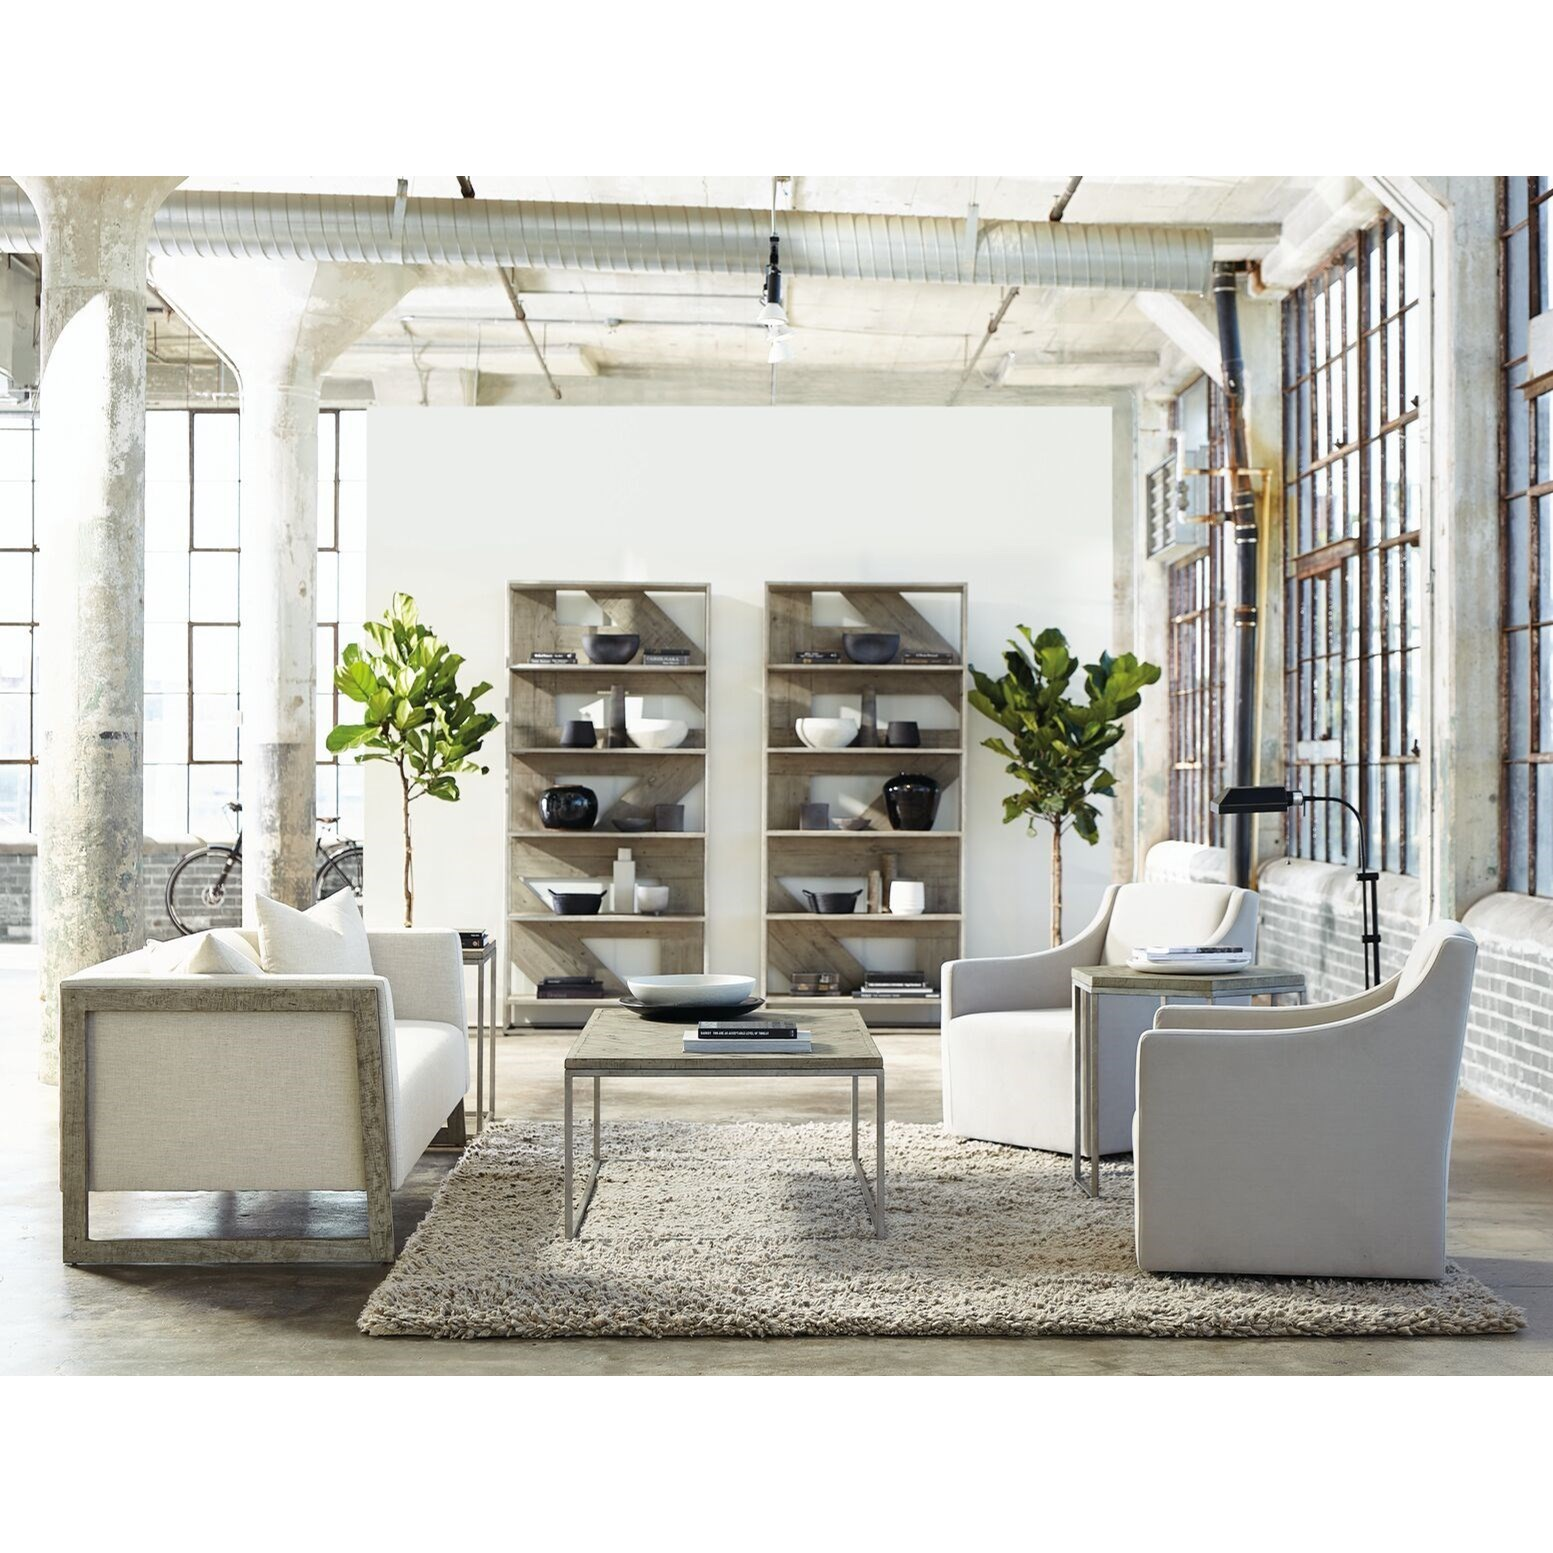 Loft - Highland Park Living Room Group by Bernhardt at Baer's Furniture